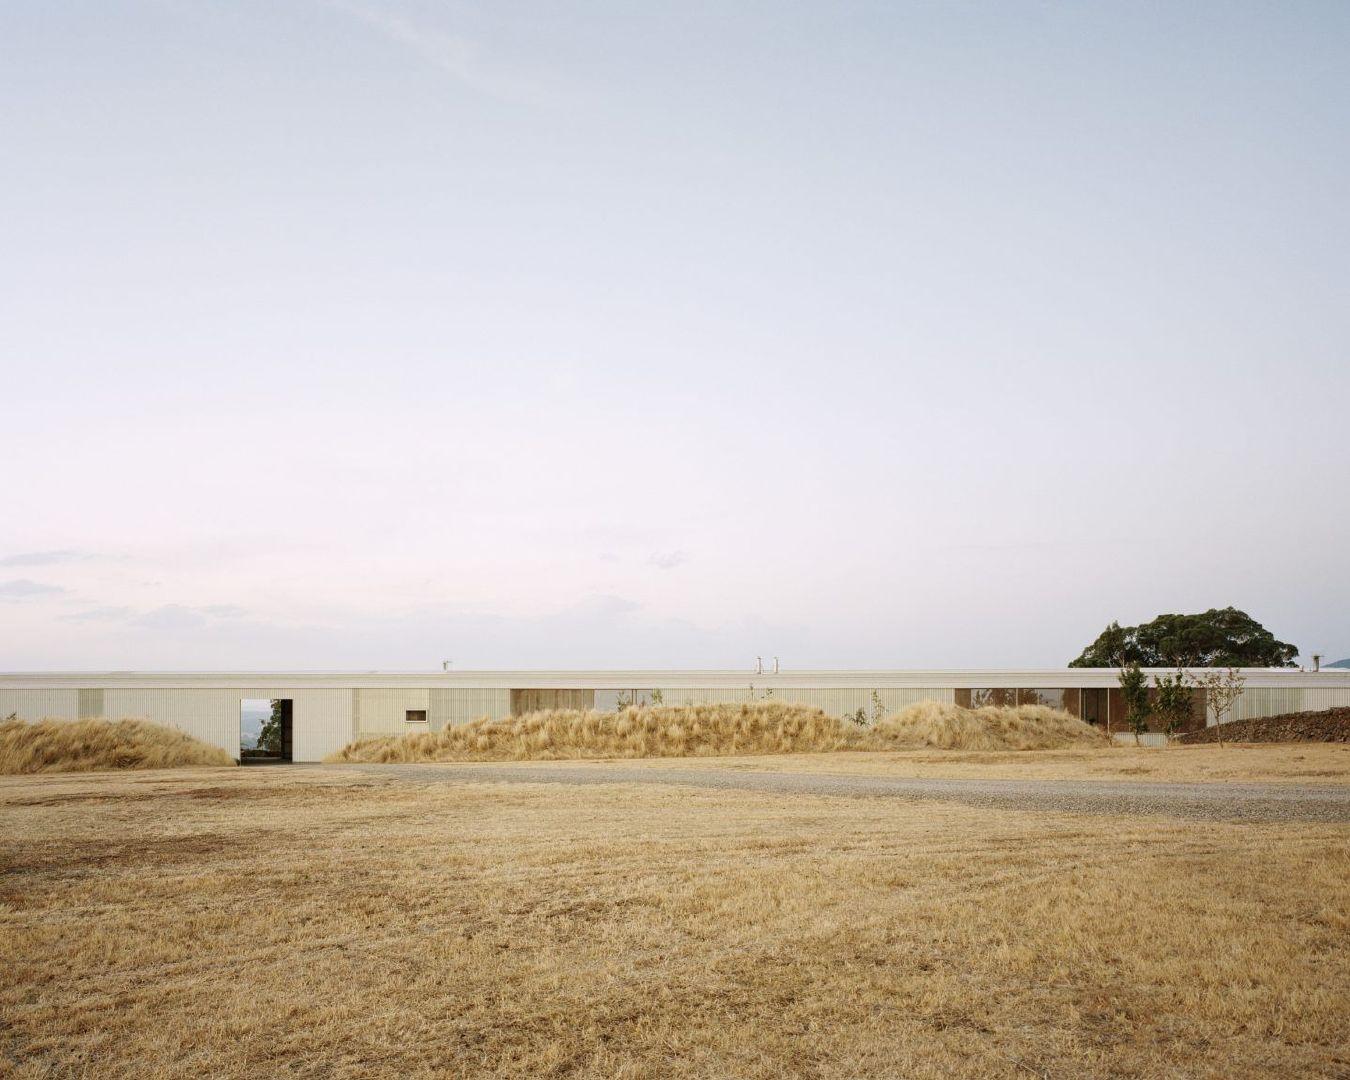 长屋:乡村美景中的住宅澳大利亚建筑事务所 Partners Hill